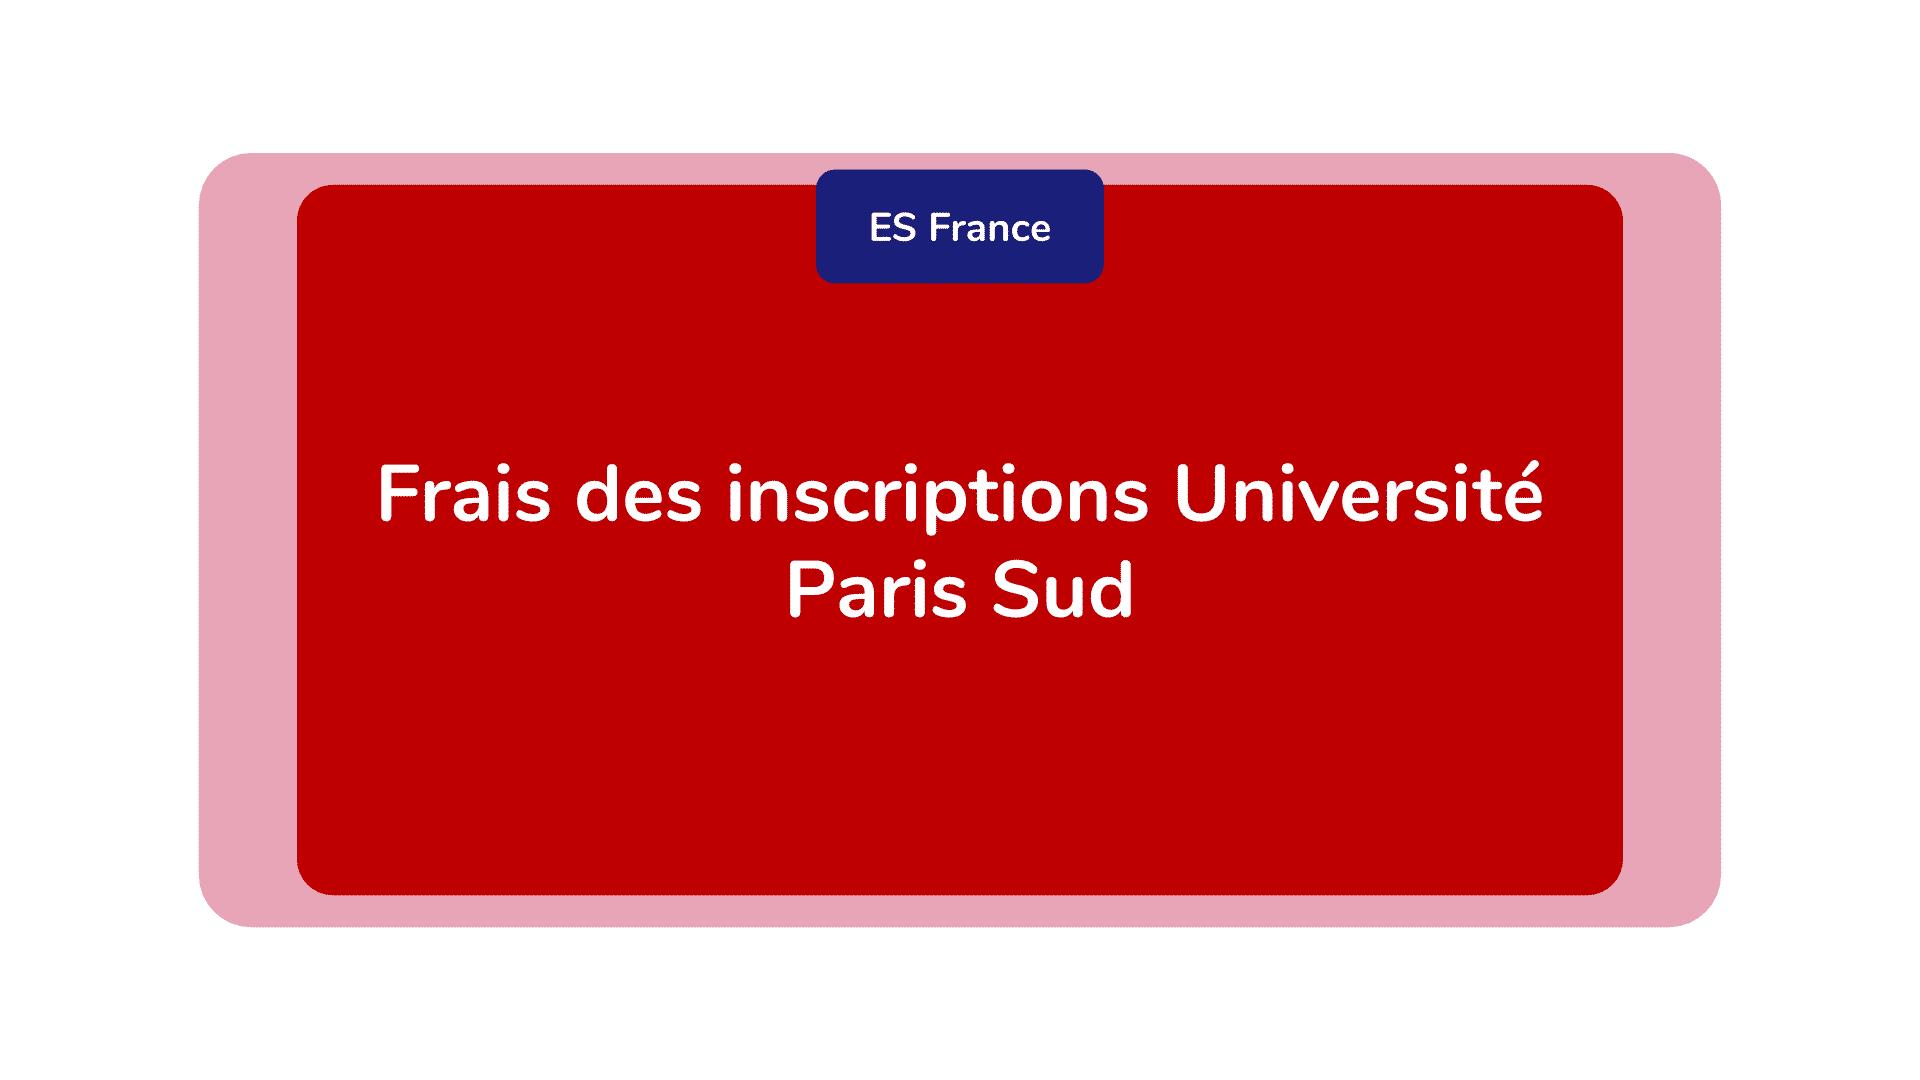 Frais des inscriptions Université Paris Sud